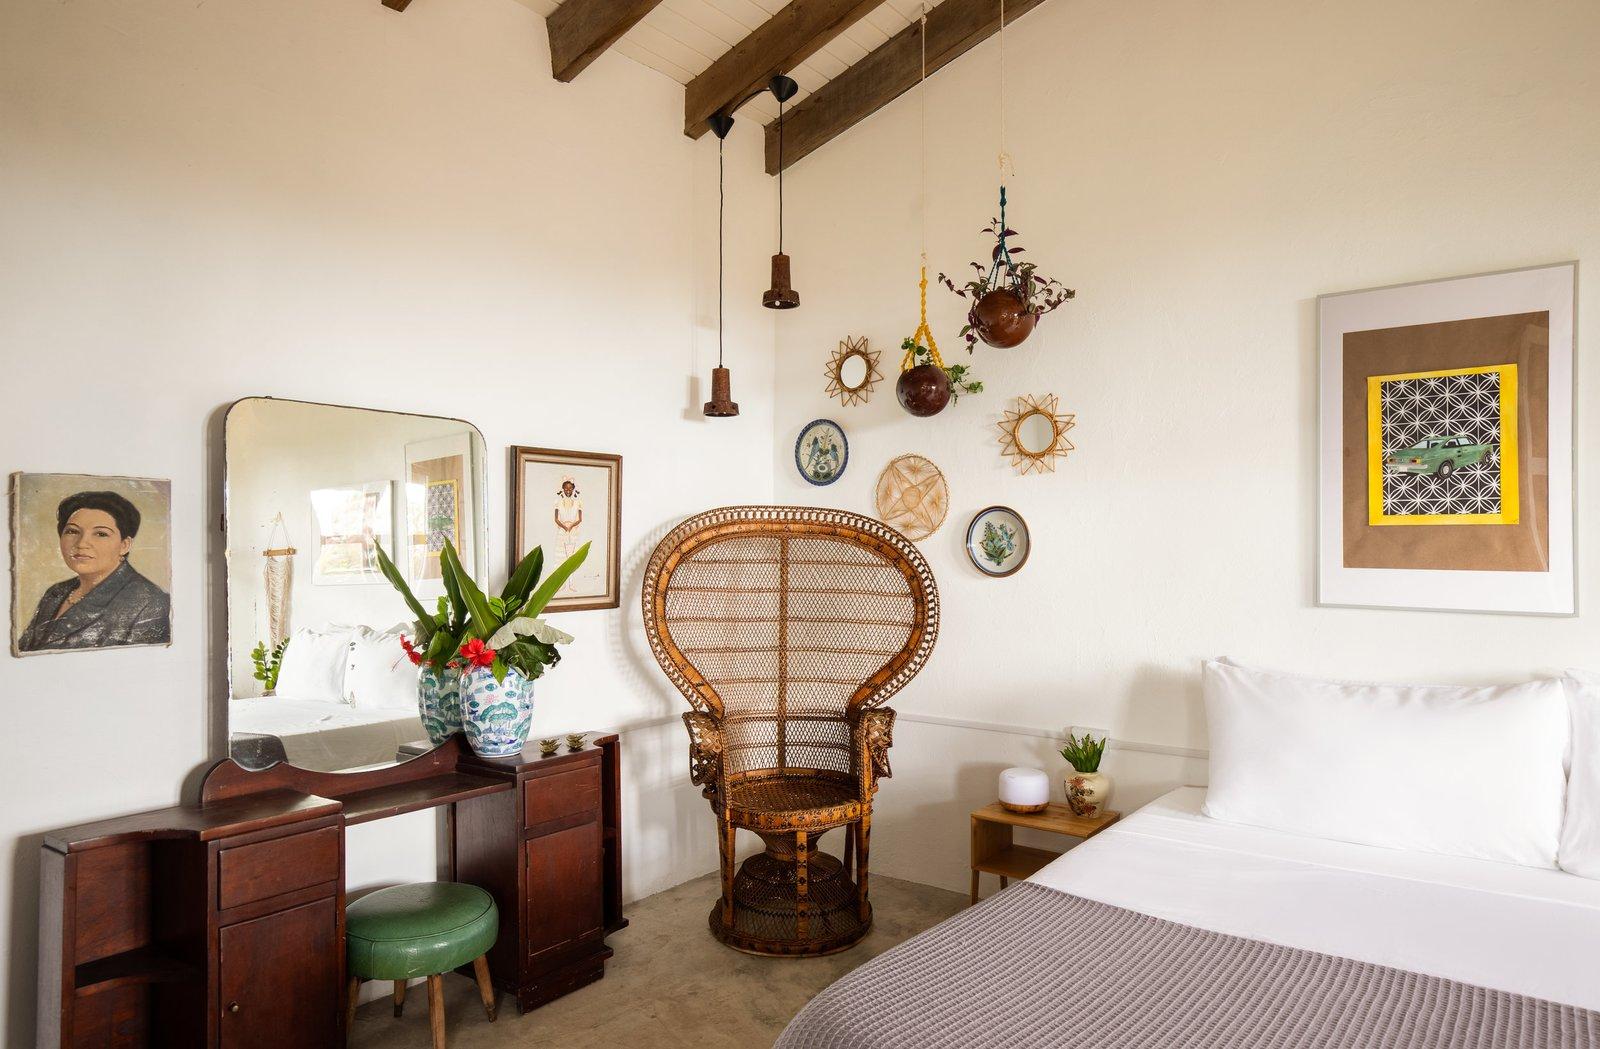 Bedroom, Concrete Floor, Pendant Lighting, Chair, Bed, and Night Stands  La Finca Victoria